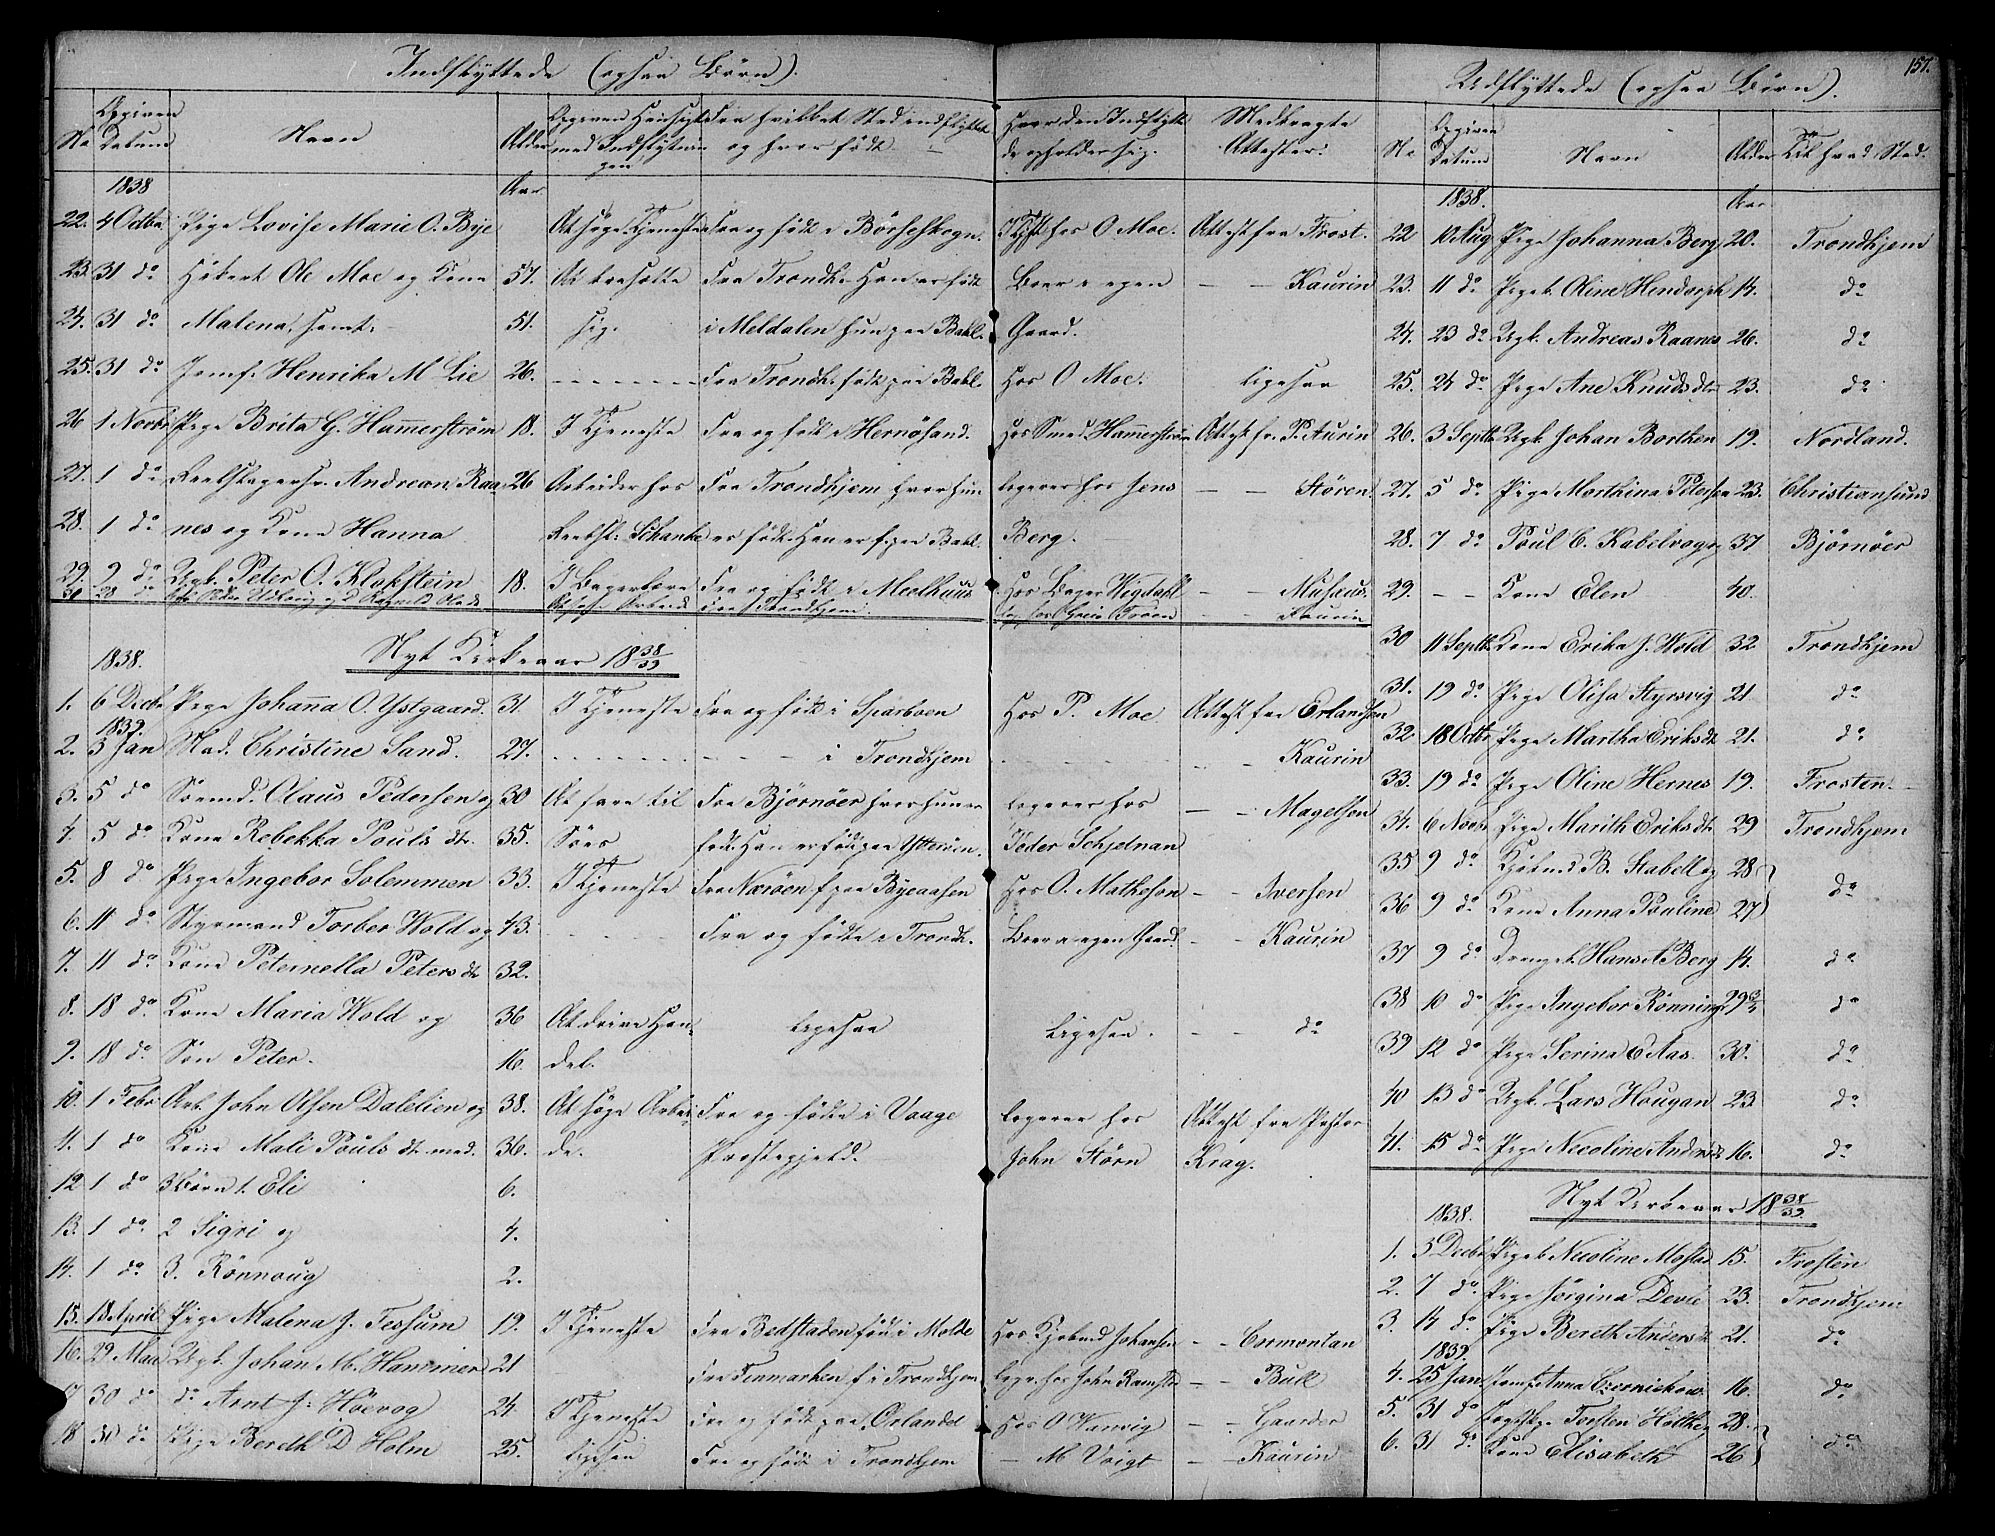 SAT, Ministerialprotokoller, klokkerbøker og fødselsregistre - Sør-Trøndelag, 604/L0182: Ministerialbok nr. 604A03, 1818-1850, s. 157